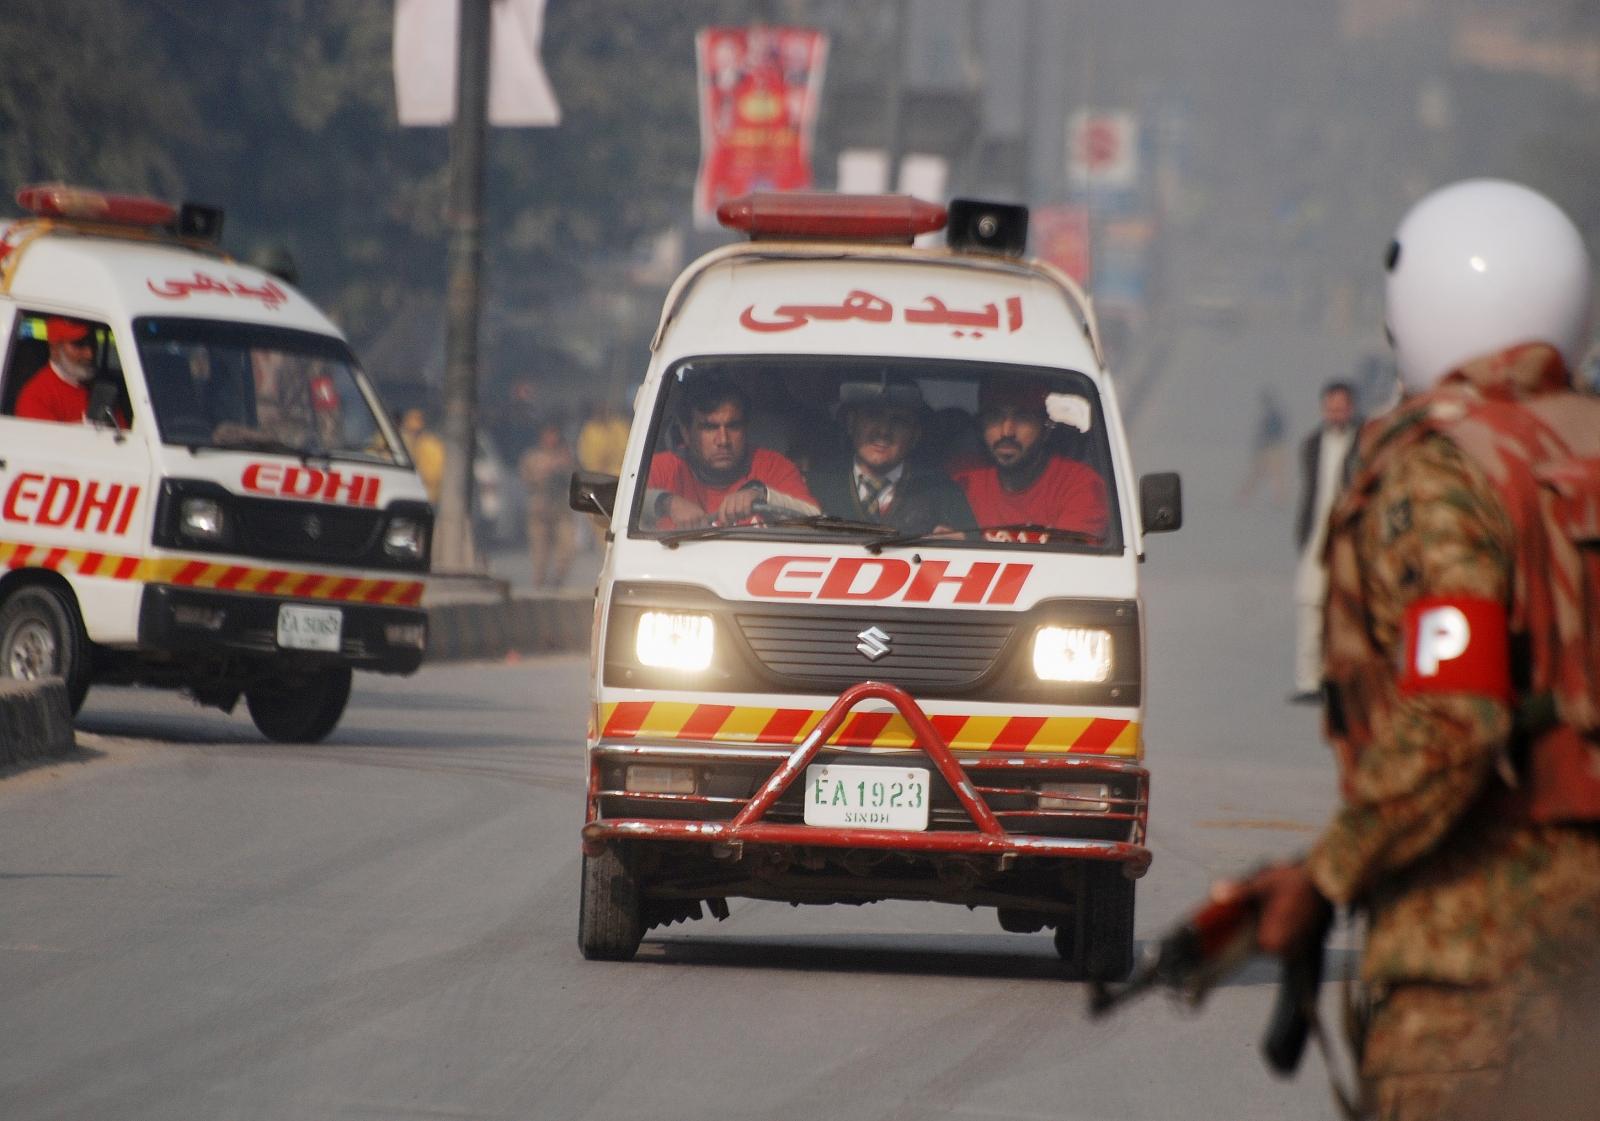 pakistan taliban school attack Peshawar